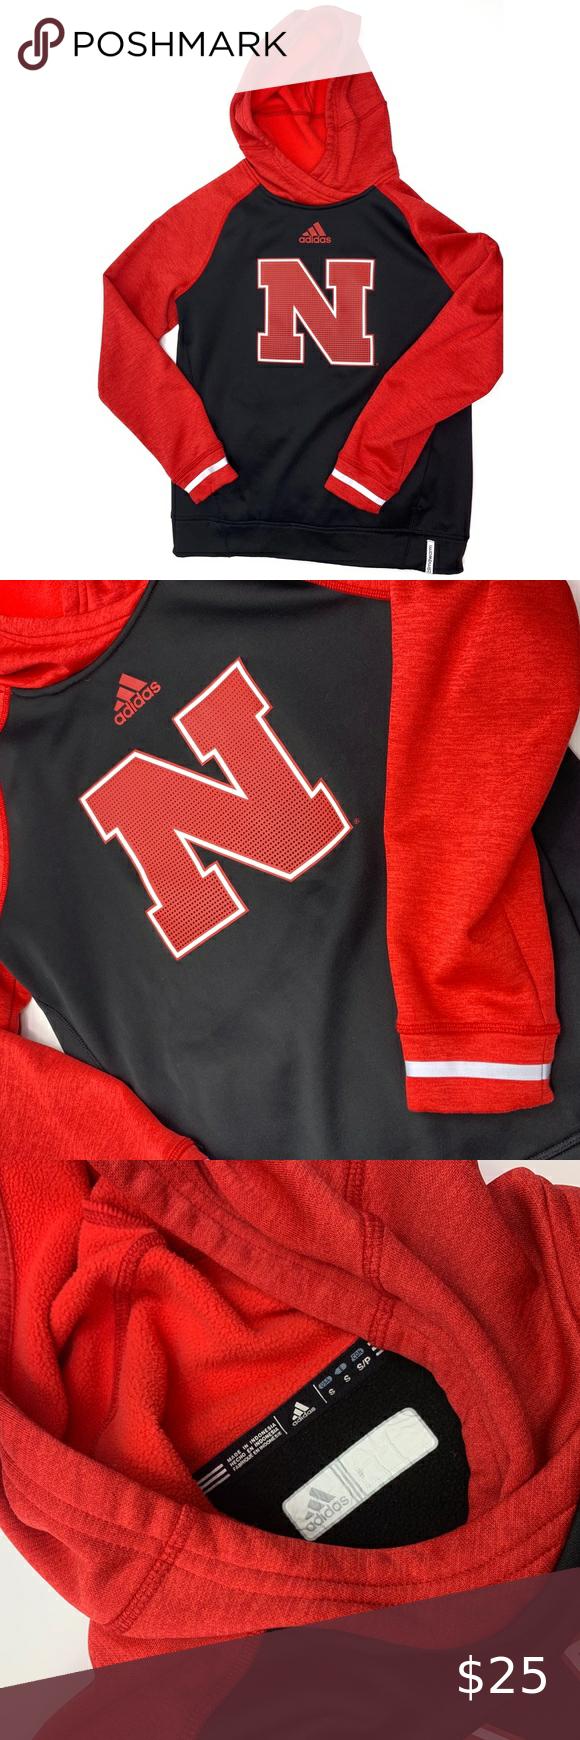 Adidas N Nebraska Red Black Hooded Sweatshirt Black Hooded Sweatshirt Hooded Sweatshirts Sweatshirts [ 1740 x 580 Pixel ]